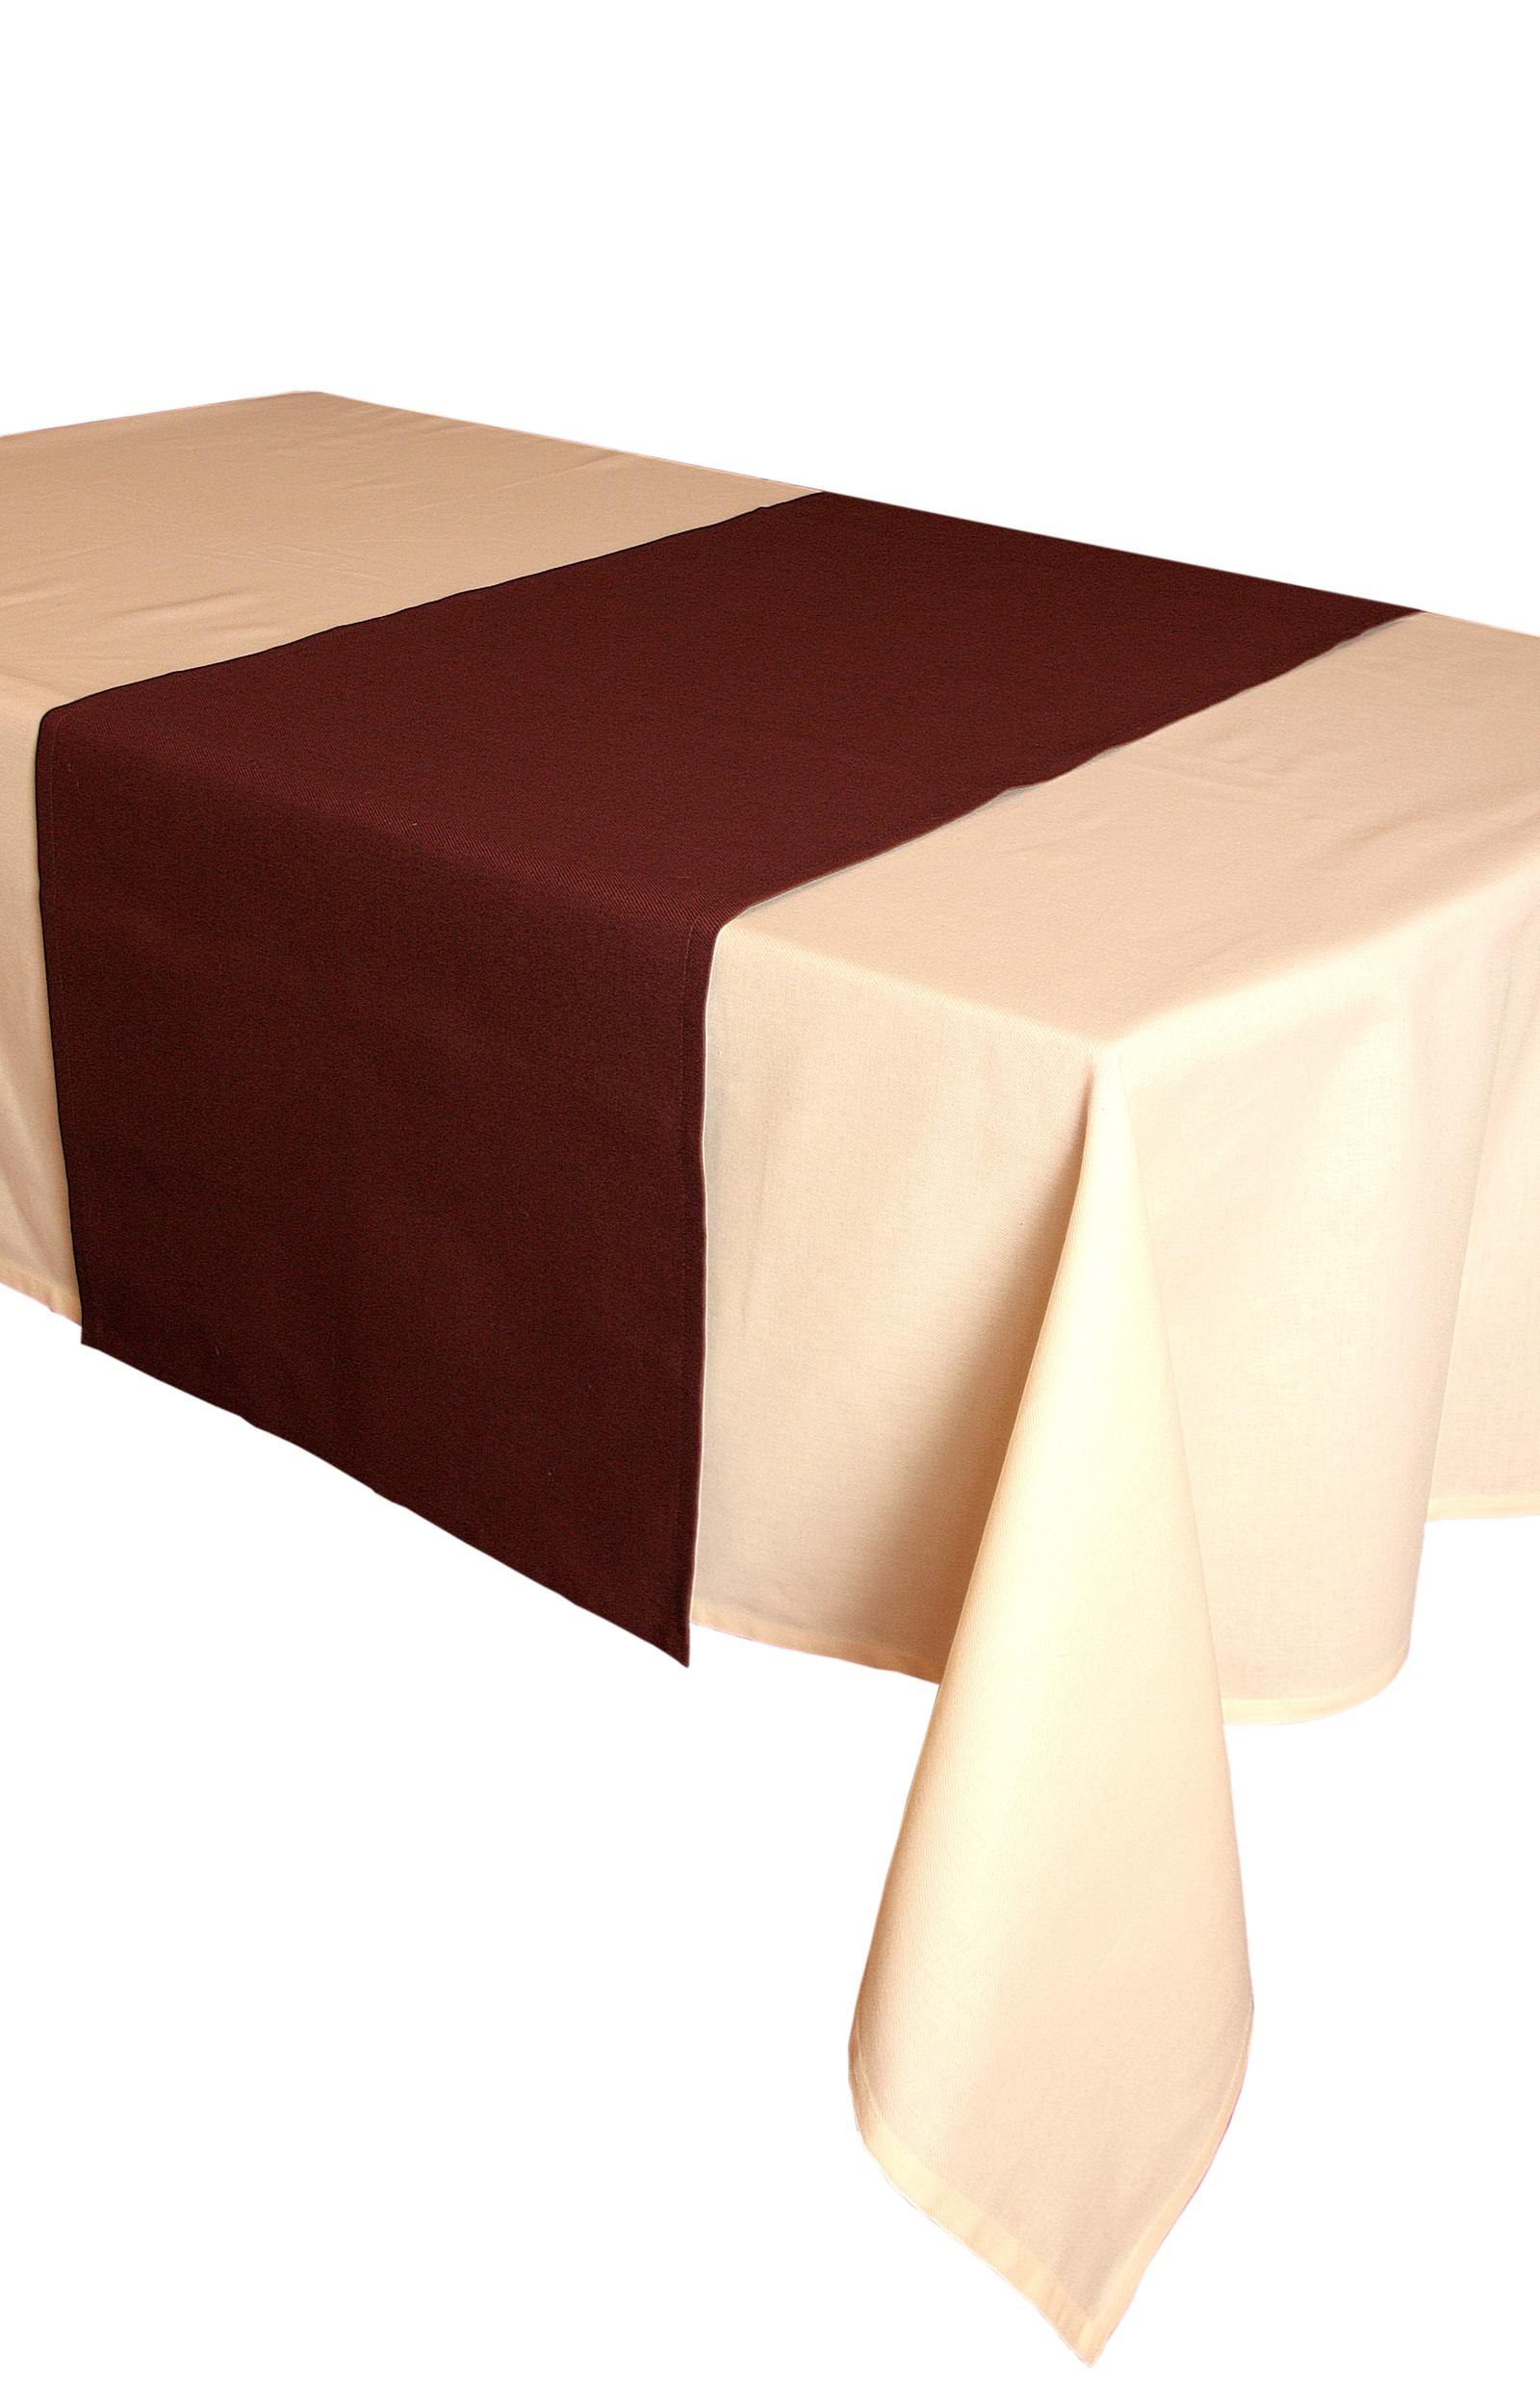 Дорожка для стола Naturel 45х150 Однотонная коллекция, коричневый дорожка для стола naturel 45х150 однотонная коллекция бежевый